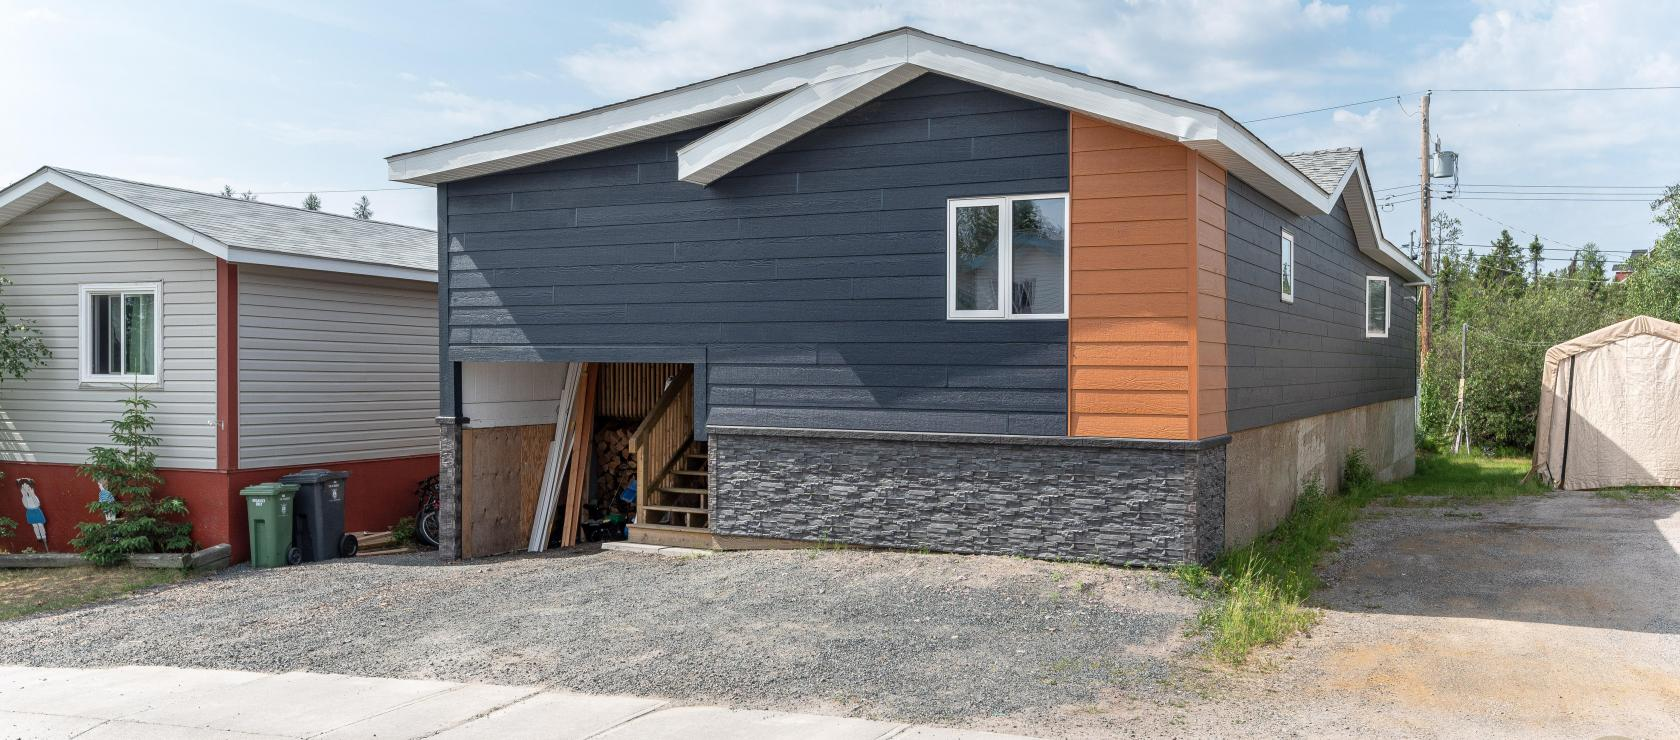 76 Hordal Road, Range Lake, Yellowknife 2